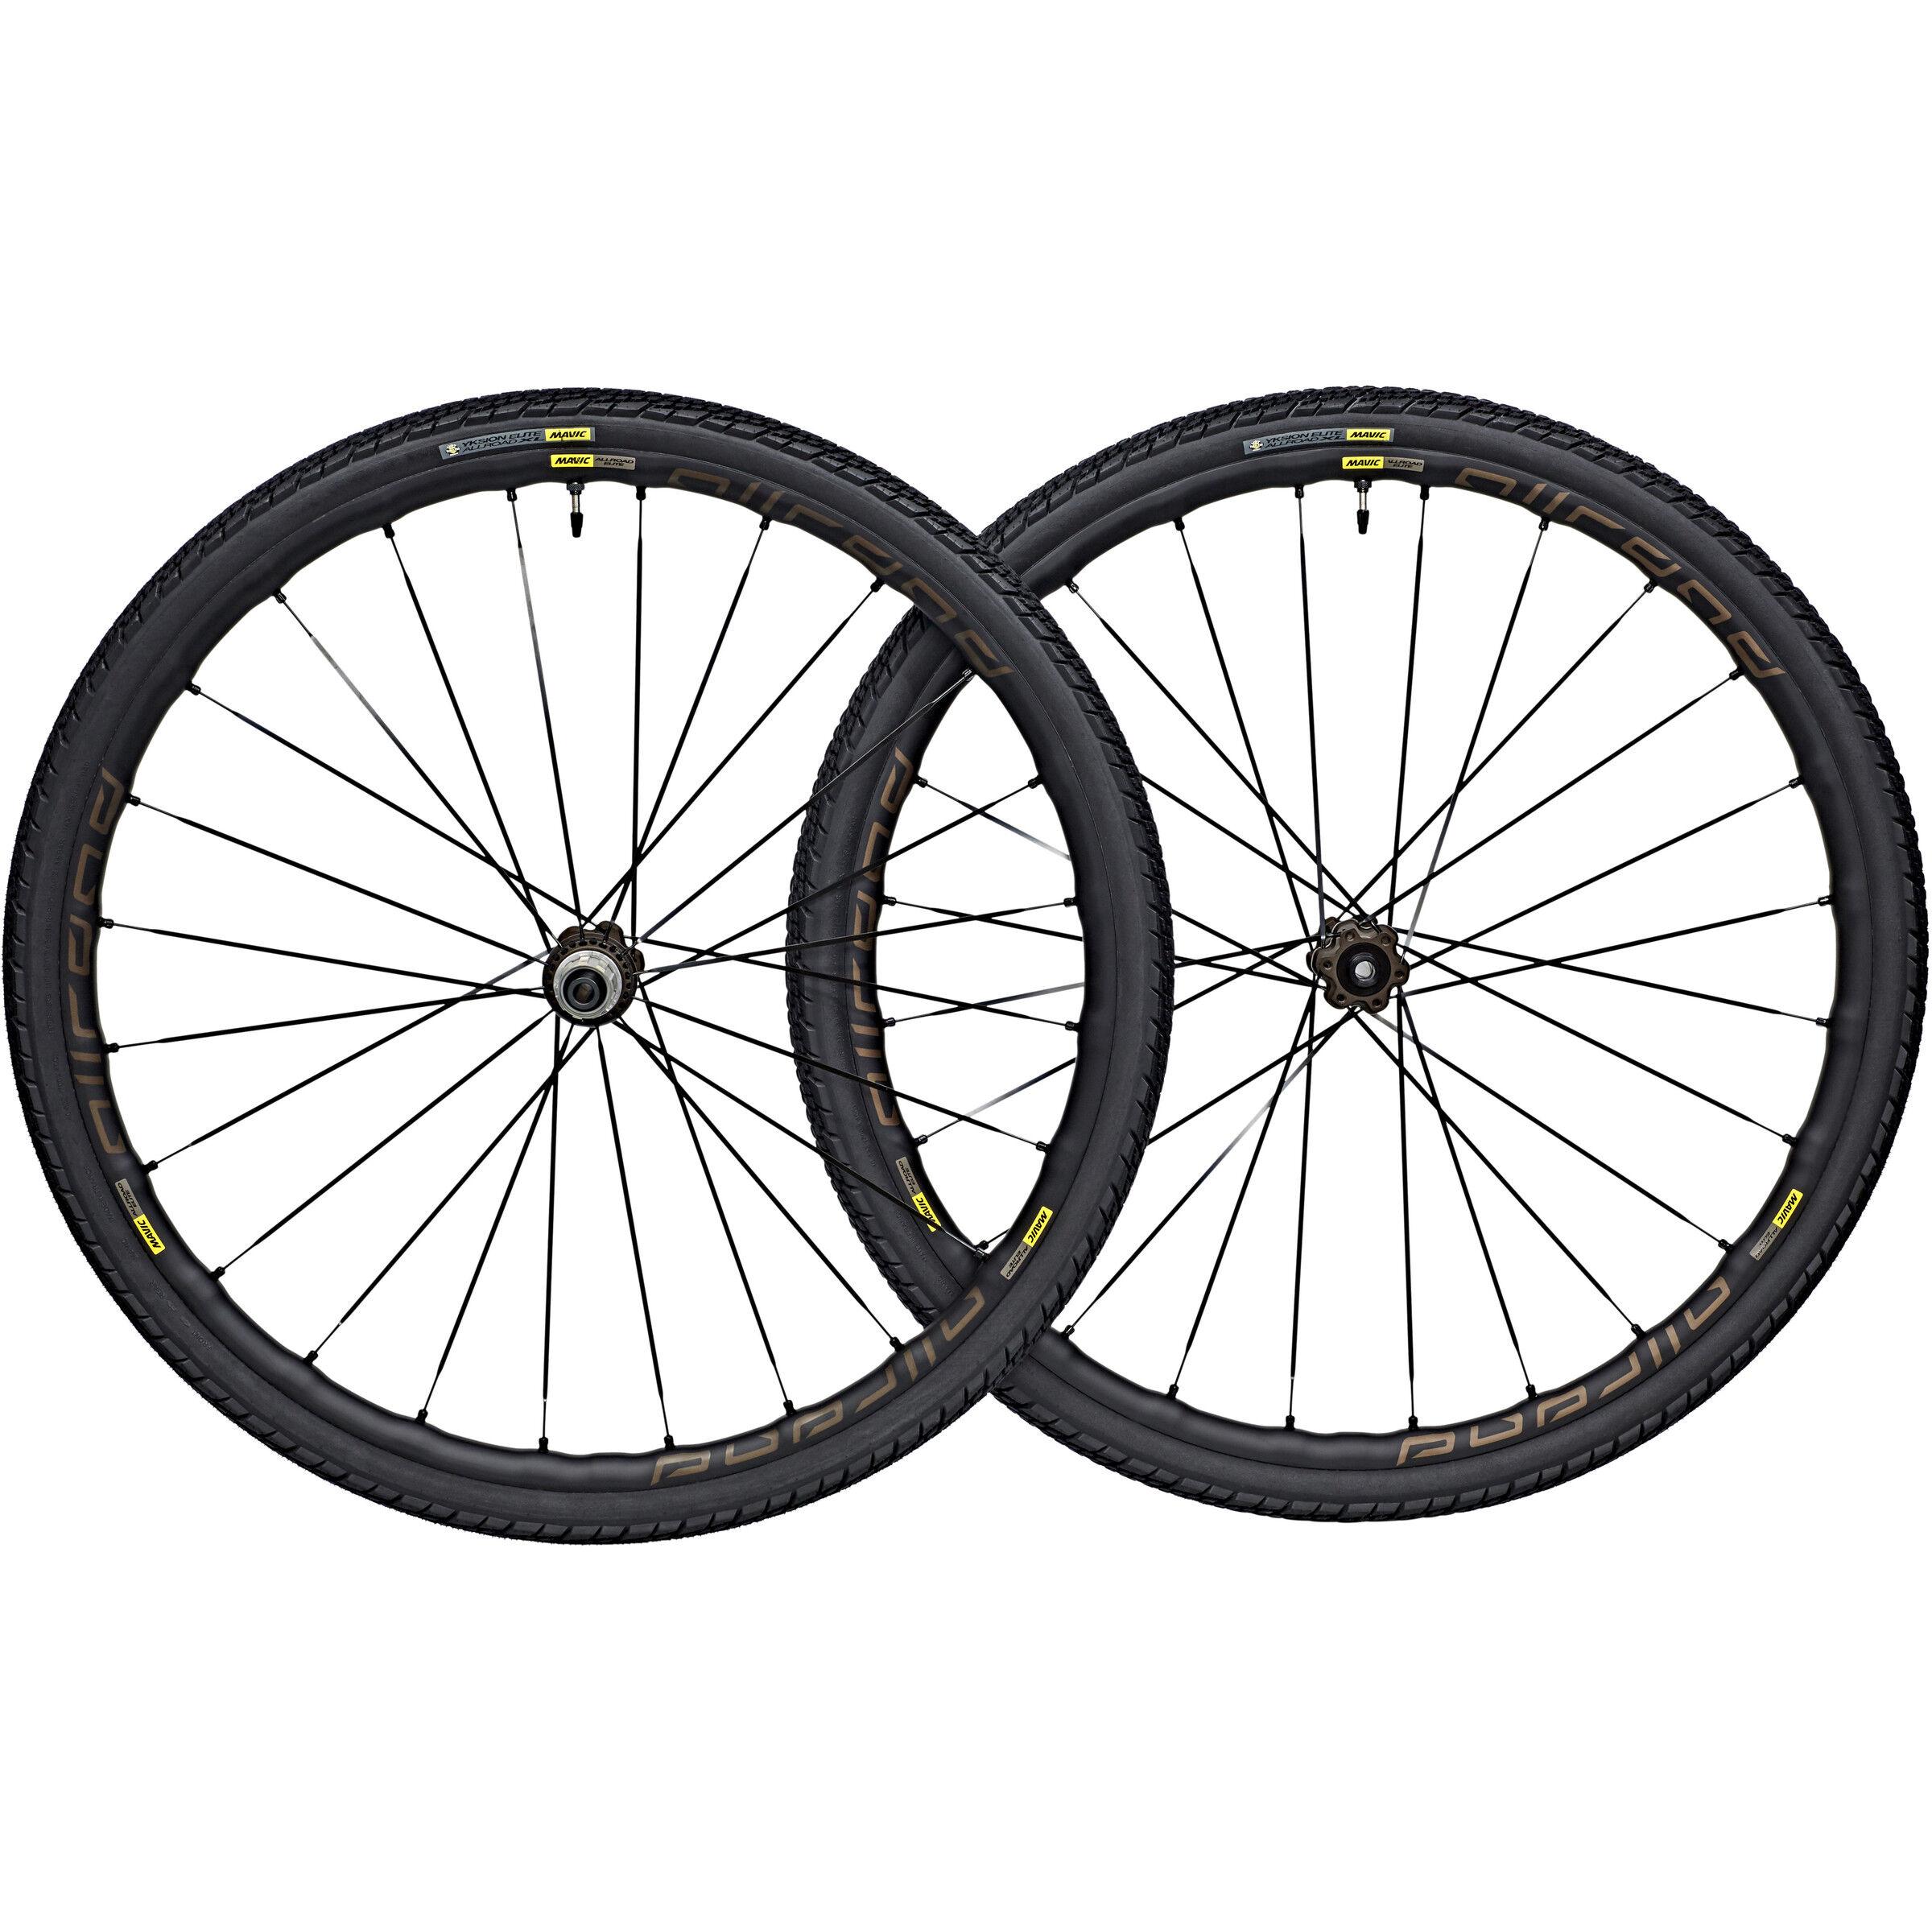 Radsport 2 Felgen für Rennrad Shinamo RS 11 Felgen Laufräder